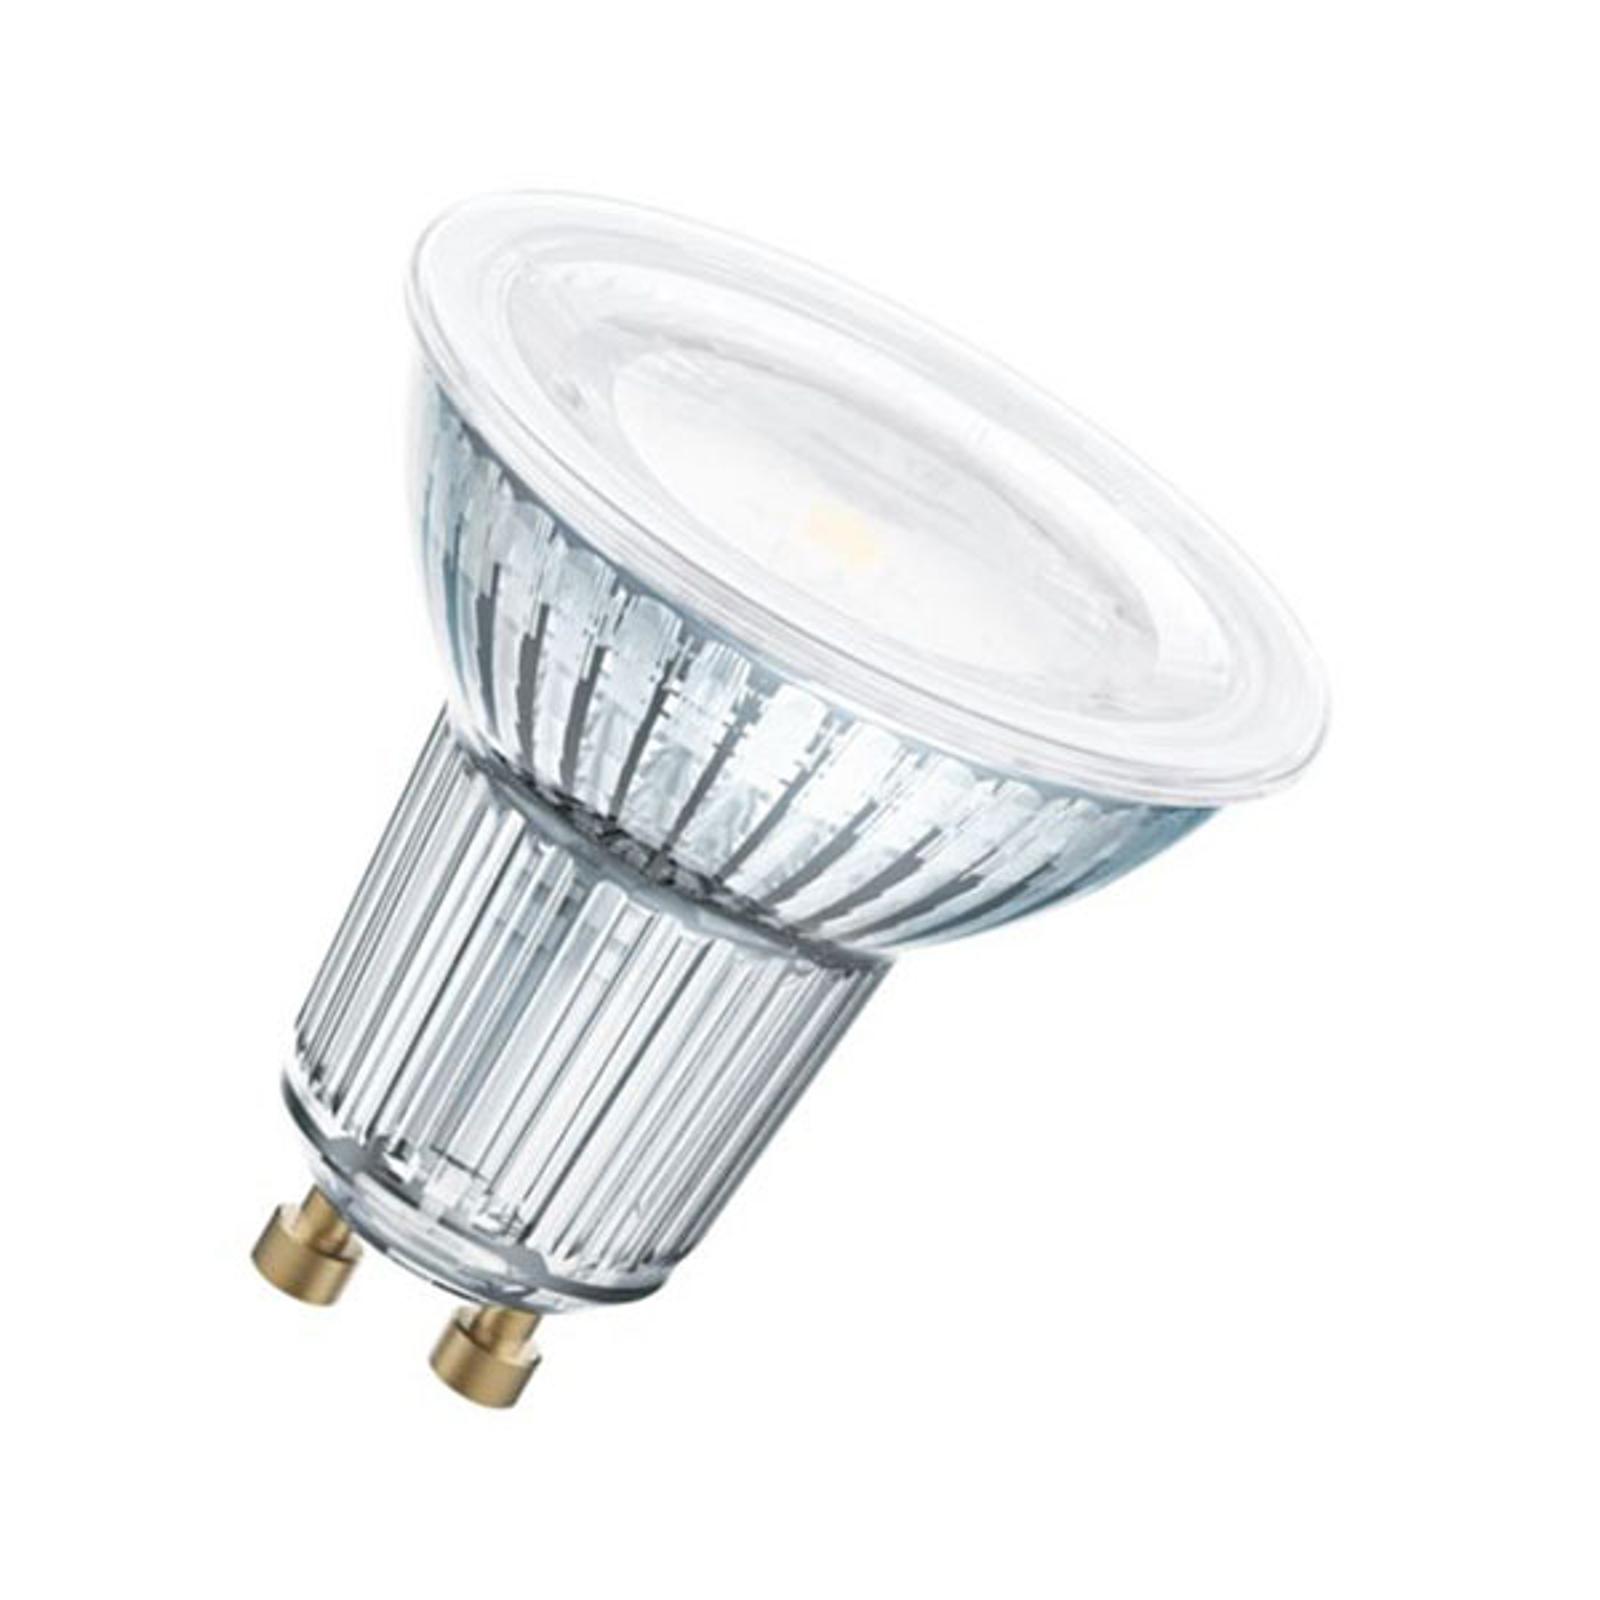 OSRAM LED-Reflektor GU10 6,9W, universalweiß, 120°